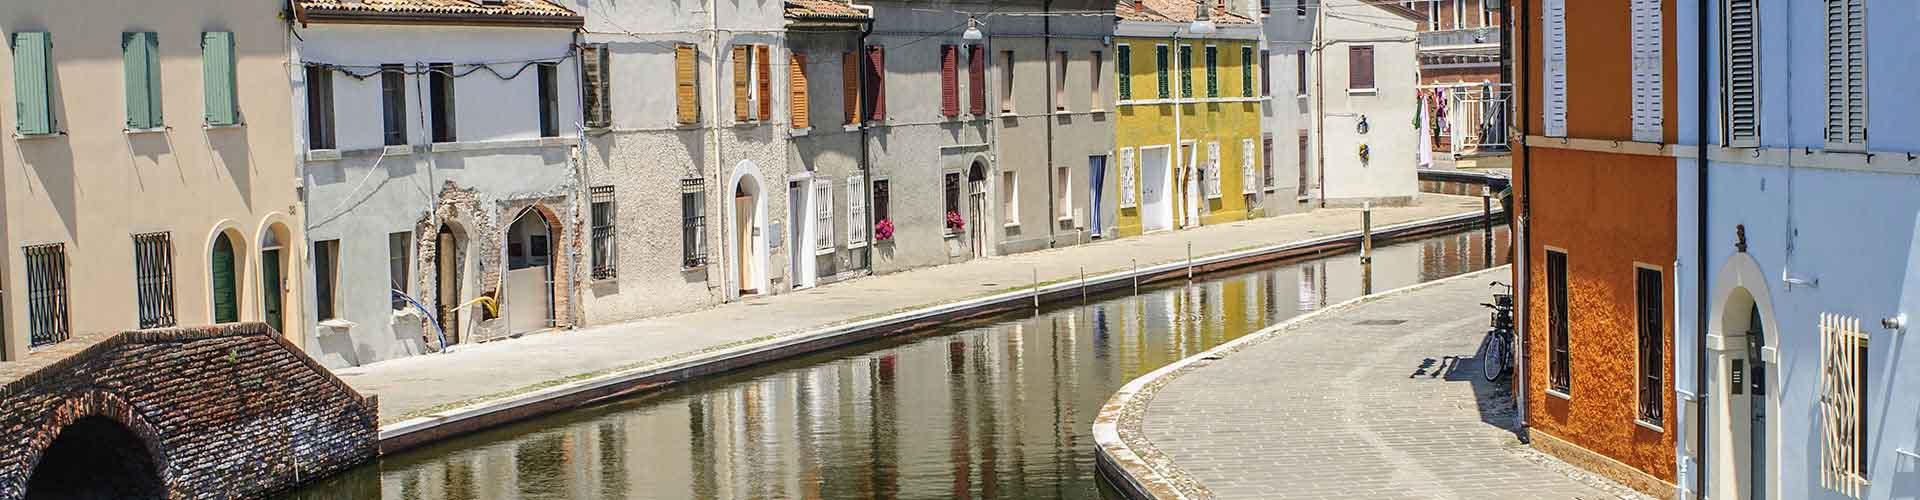 Ferrara - Chambres à Ferrara. Cartes pour Ferrara, photos et commentaires pour chaque chambre à Ferrara.